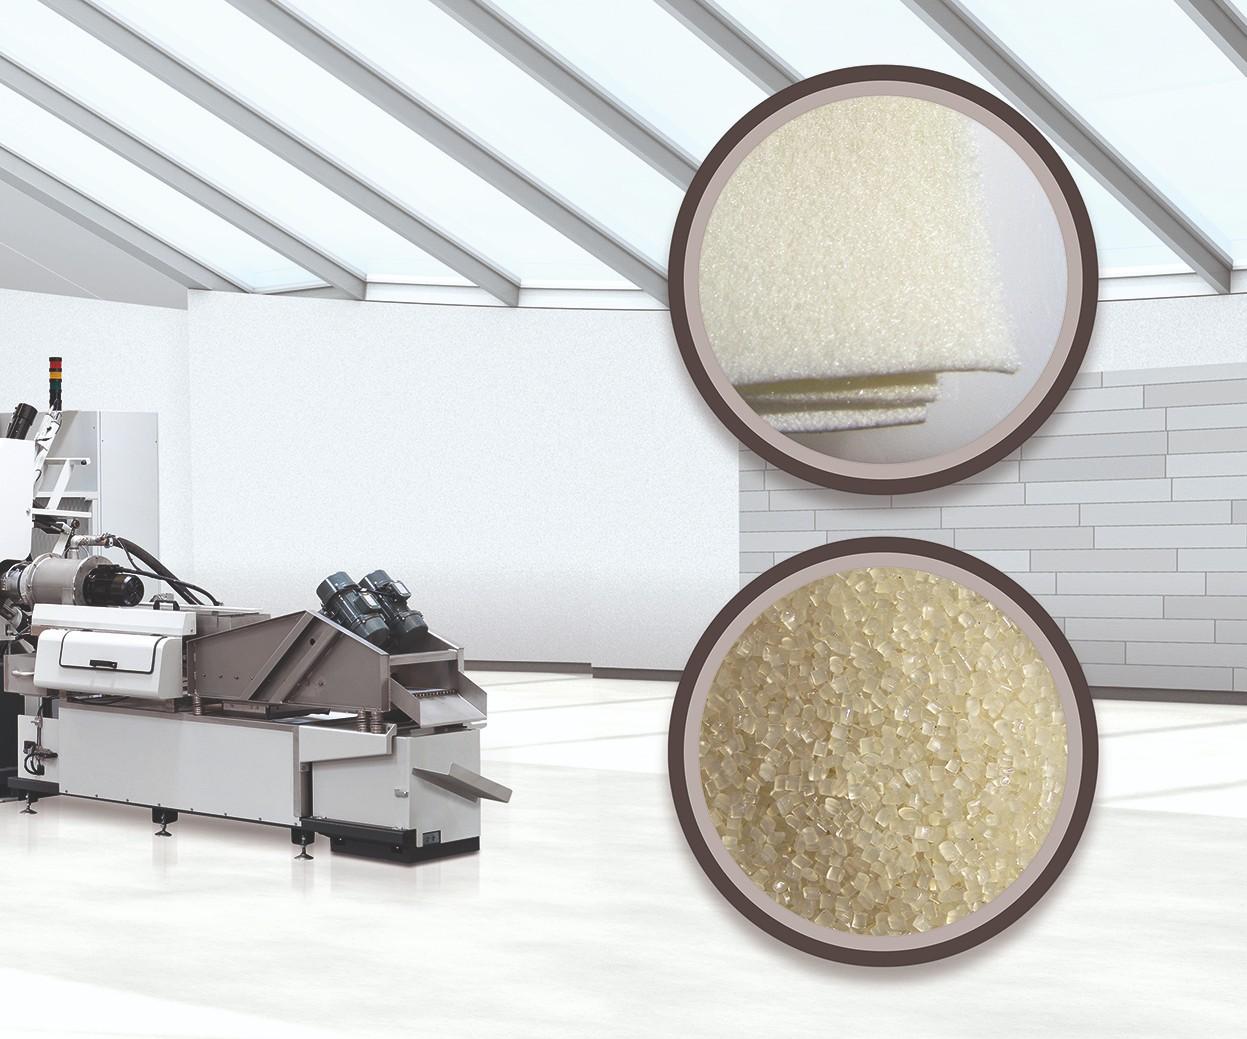 Reciclaje de fibras textiles, con tecnologías de Starlinger